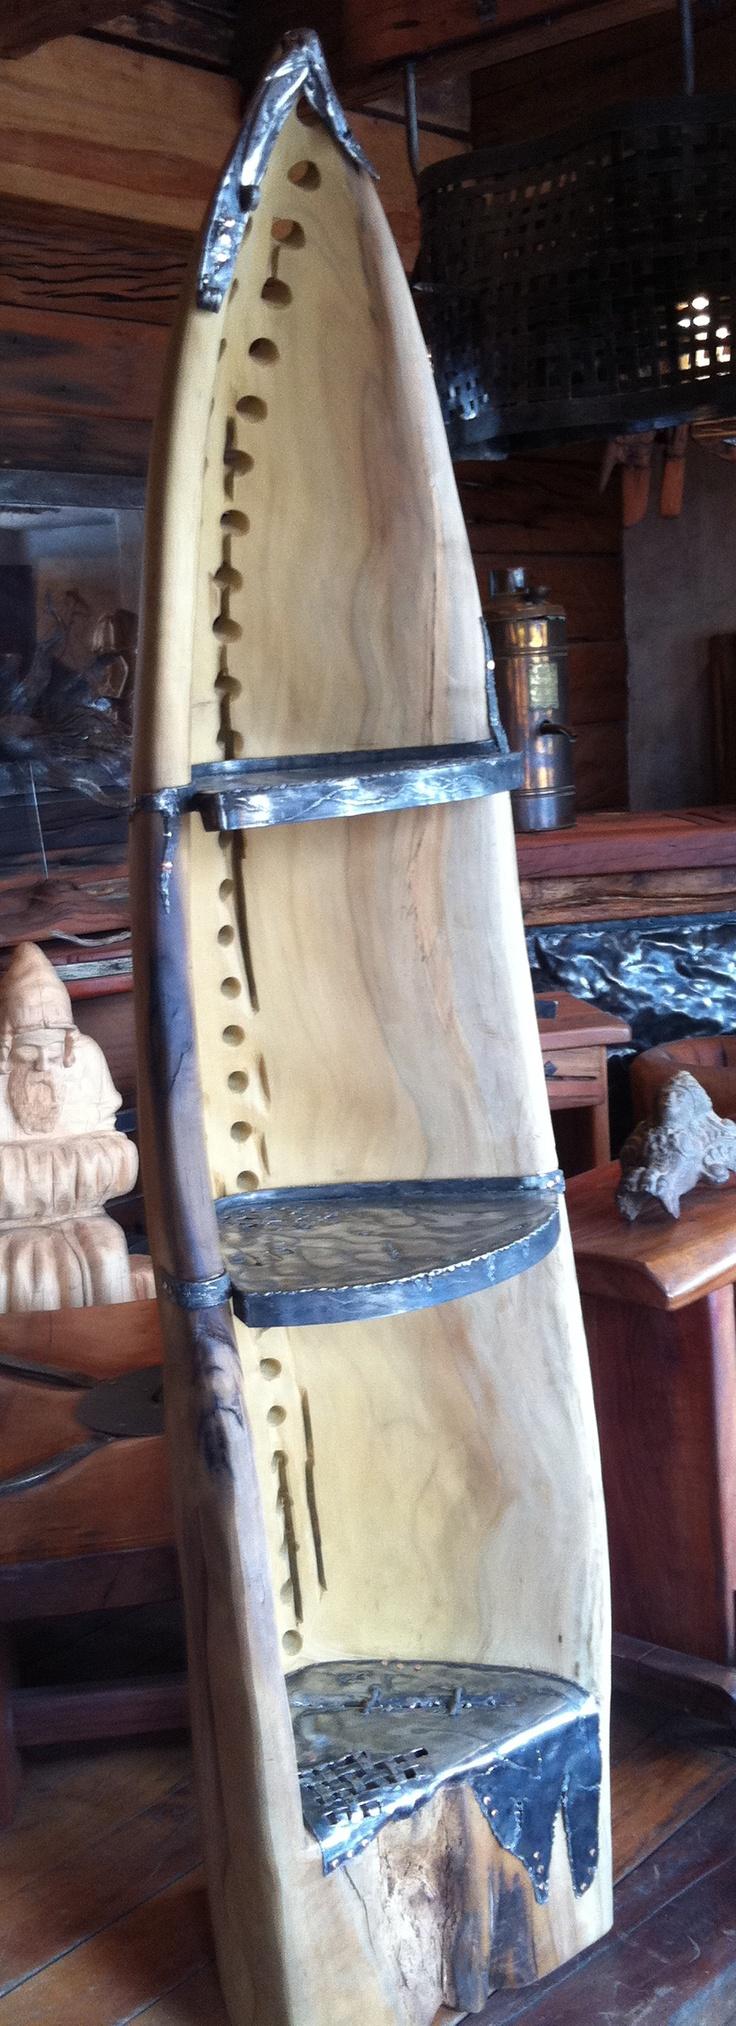 Repisa esquinera con forma de canoa de laurel de una sola pieza con perforaciones y repisas de fierro forjado reciclado con detalles de clavos de cobre  www.facebook.com/nativoredwoodsa